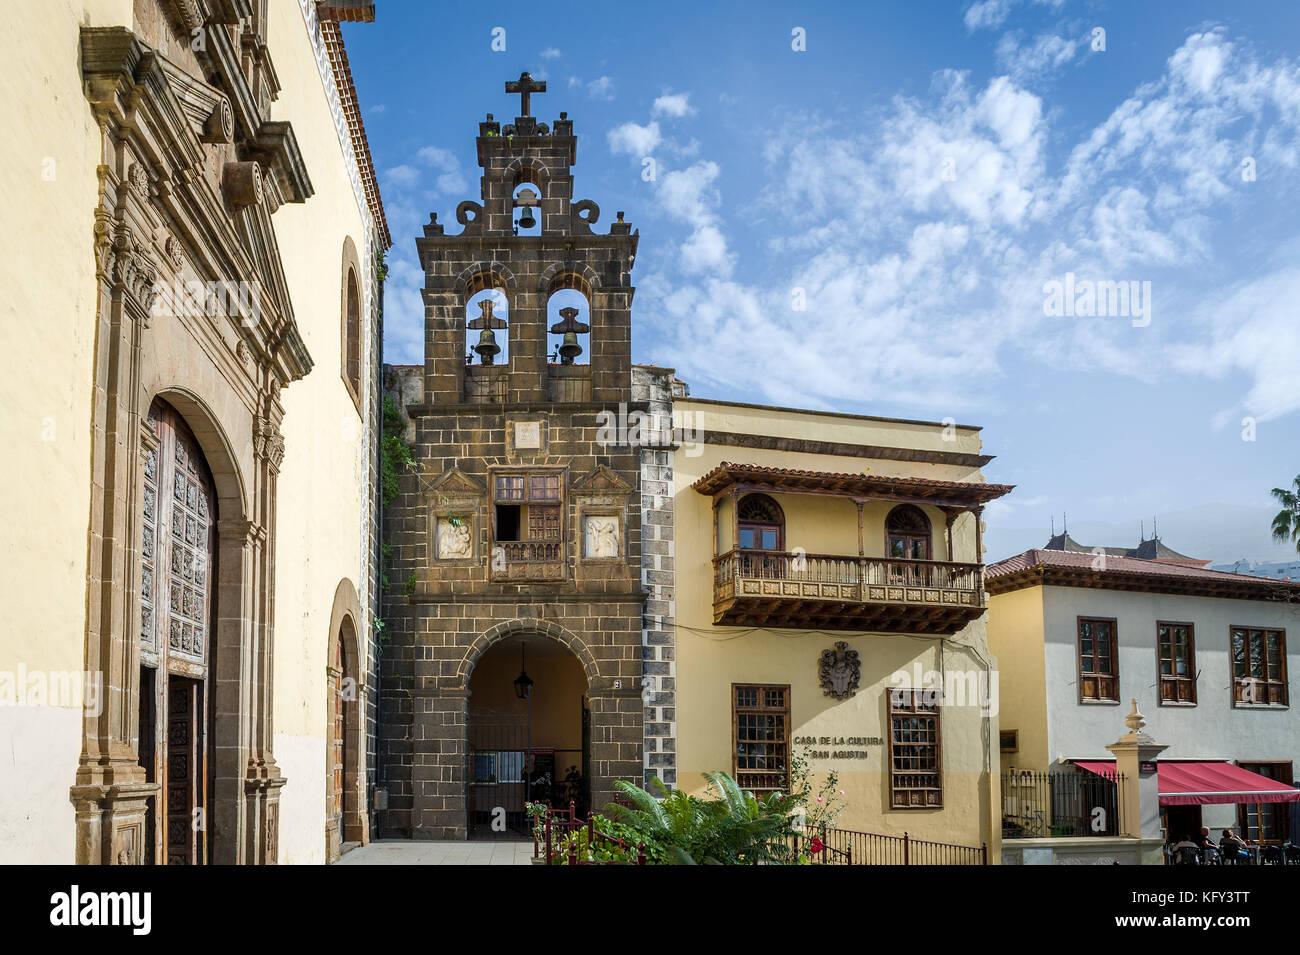 Casa de la cultura, la orotava città vecchia, Tenerife. Immagini Stock